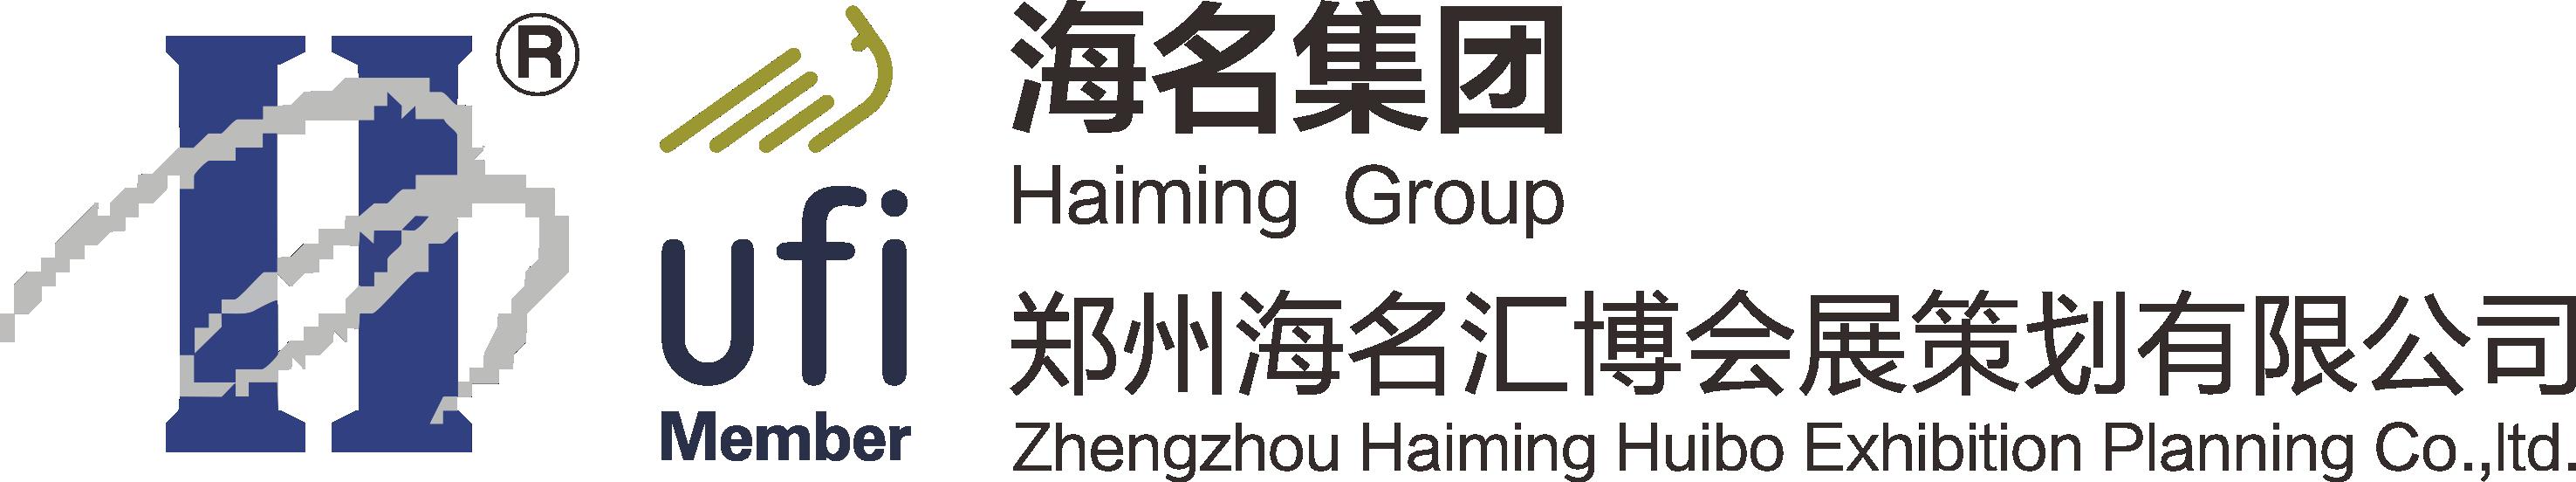 鄭州海名匯博會展策劃有限公司